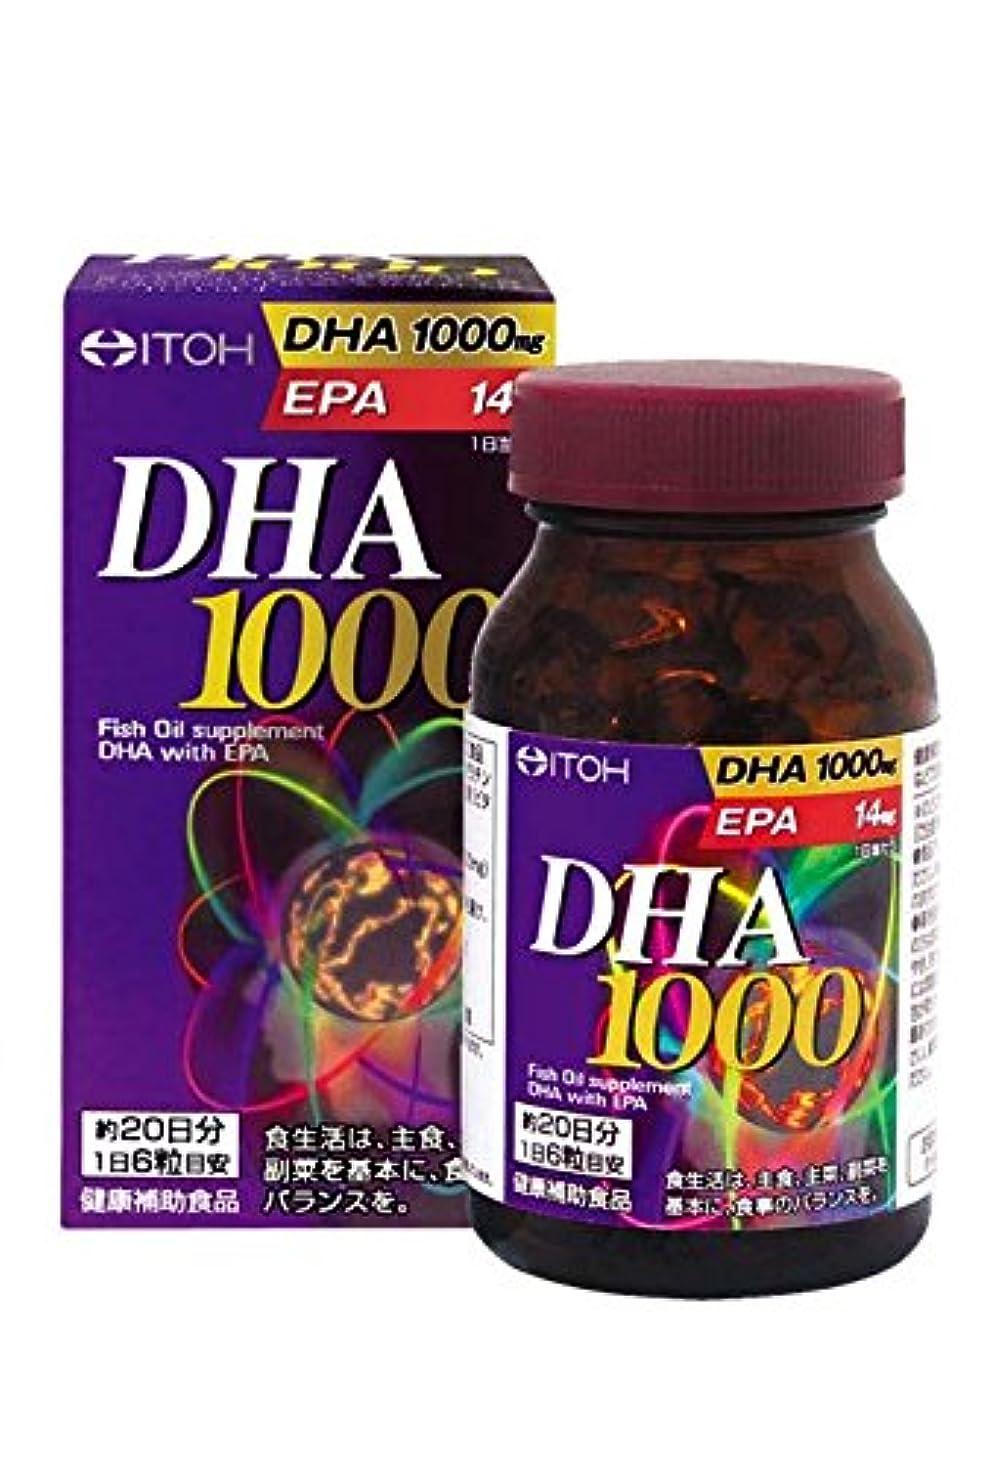 ケイ素急流鮫井藤漢方製薬 DHA1000 約20日分 300mg×120粒×40本/ケース